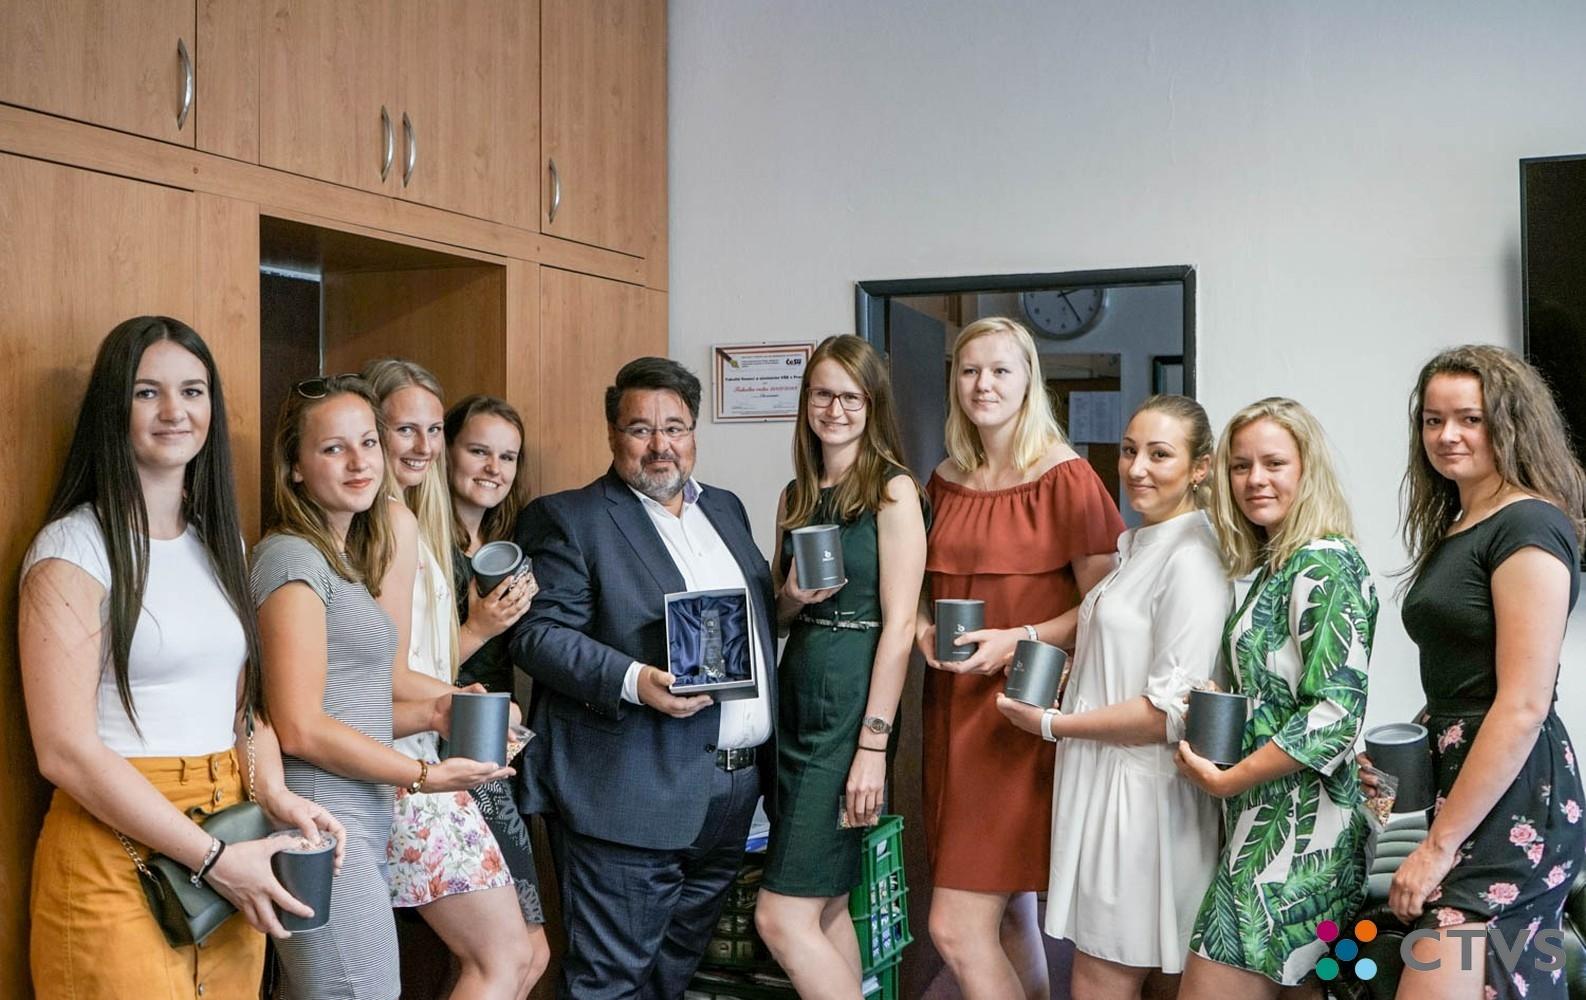 Vítězi 8. ročníku VL VŠE jsou týmy FPH ženy a FFÚ muži